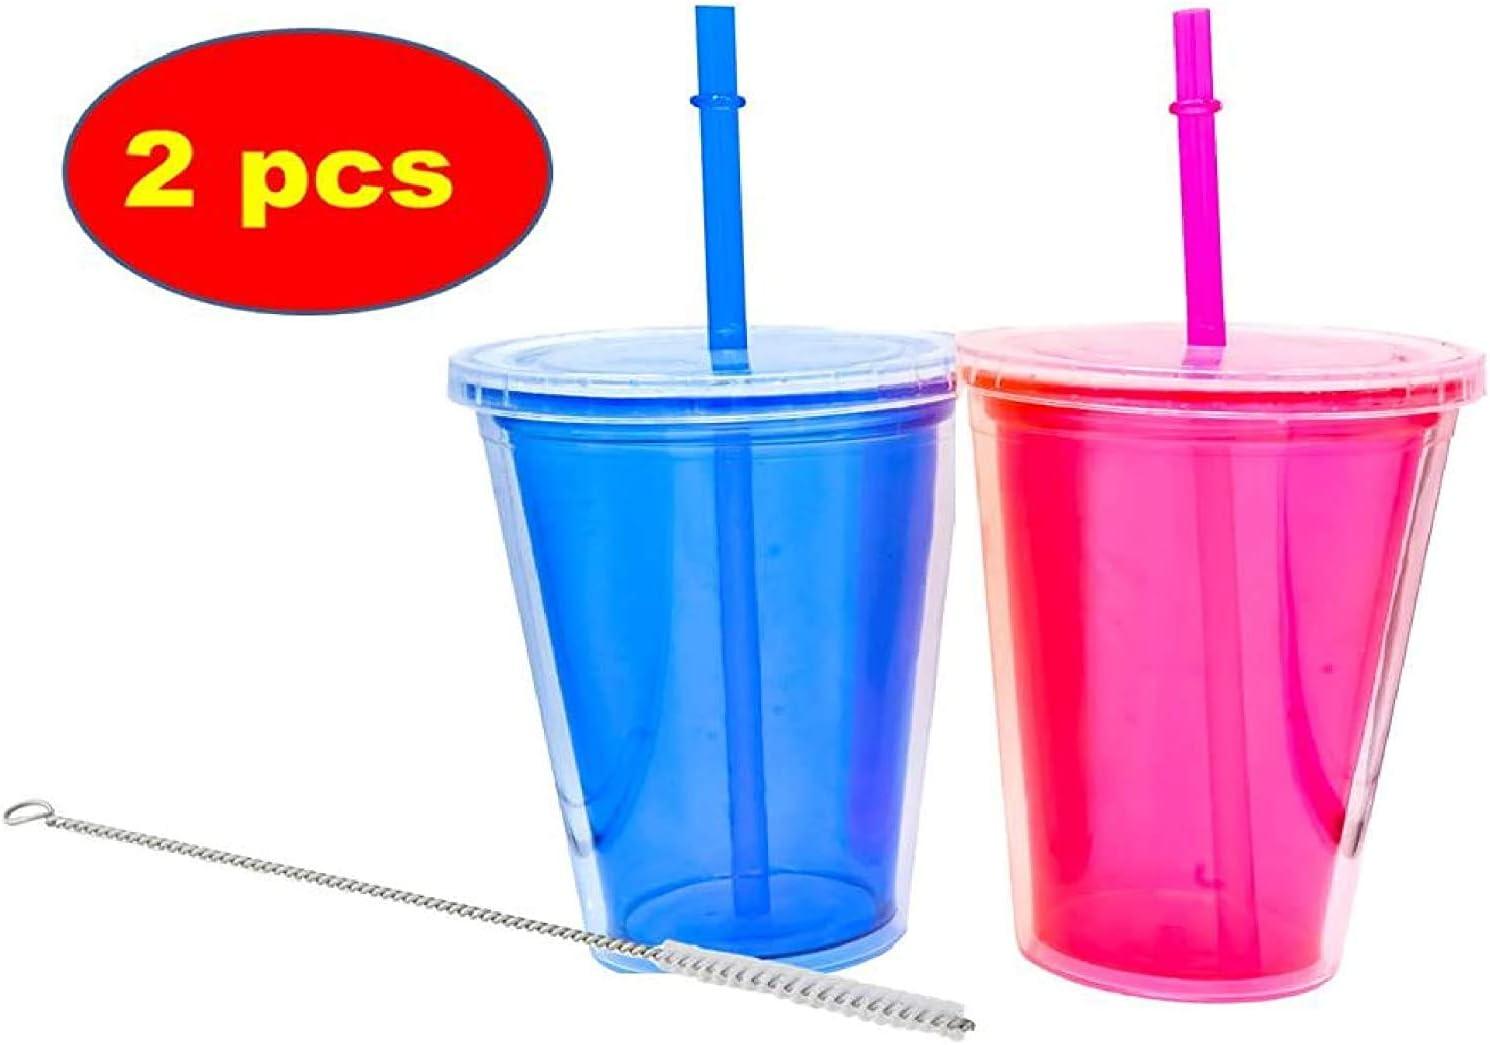 contenitore trasparente senza BPA Confezione da 2 bicchieri di plastica riutilizzabili con doppio isolamento per bevande fredde e frullati con spazzola per pulire cannuccia colore: blu//rosa 500 ml